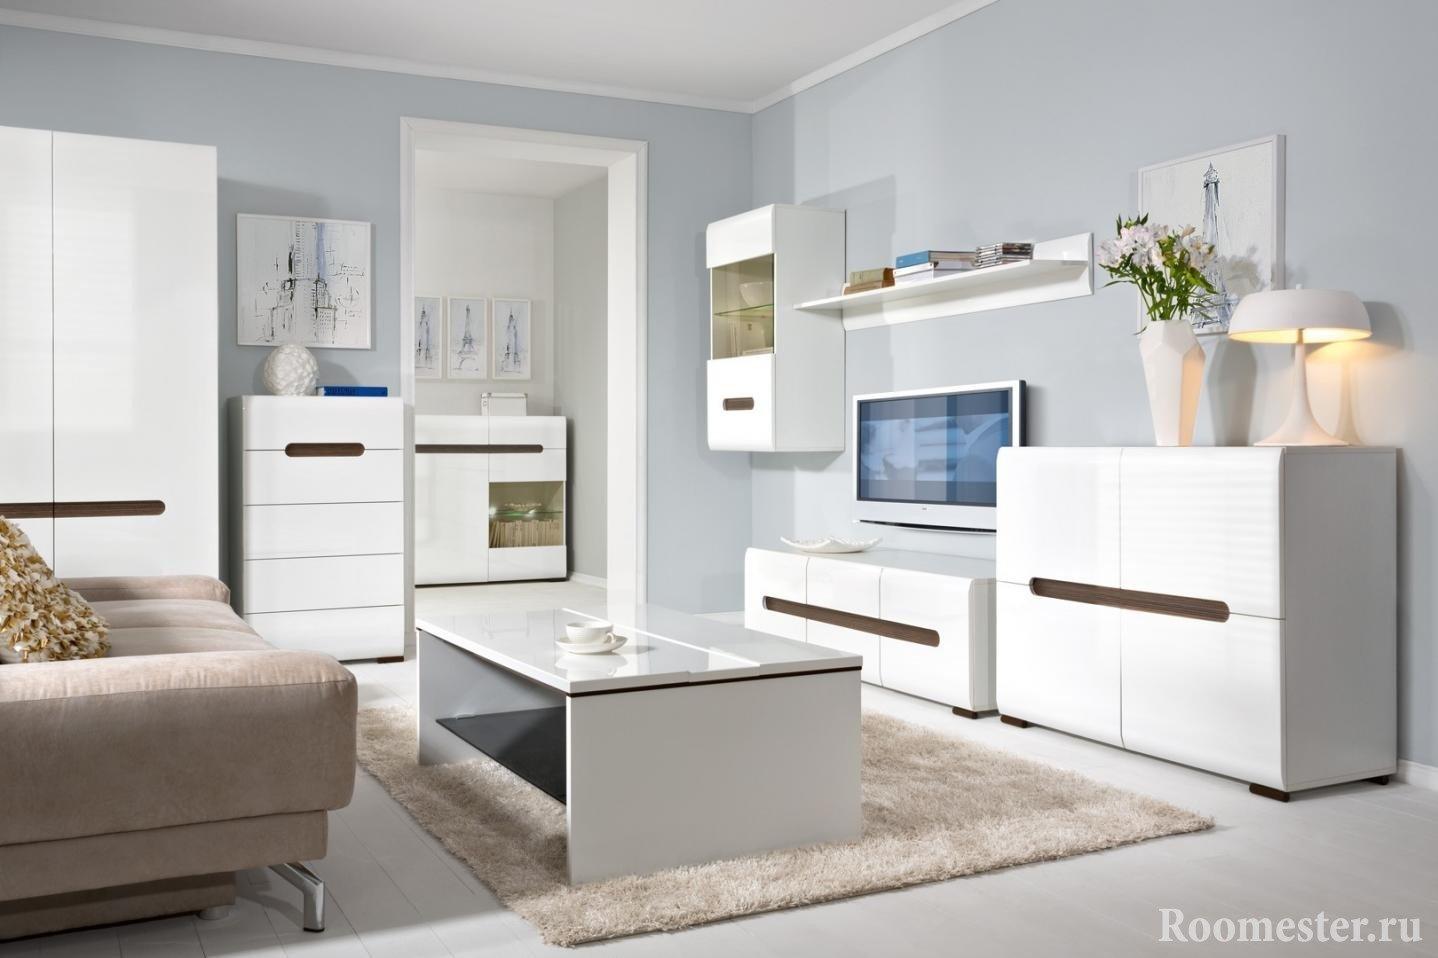 Белые столик, шкаф и тумбы в зале